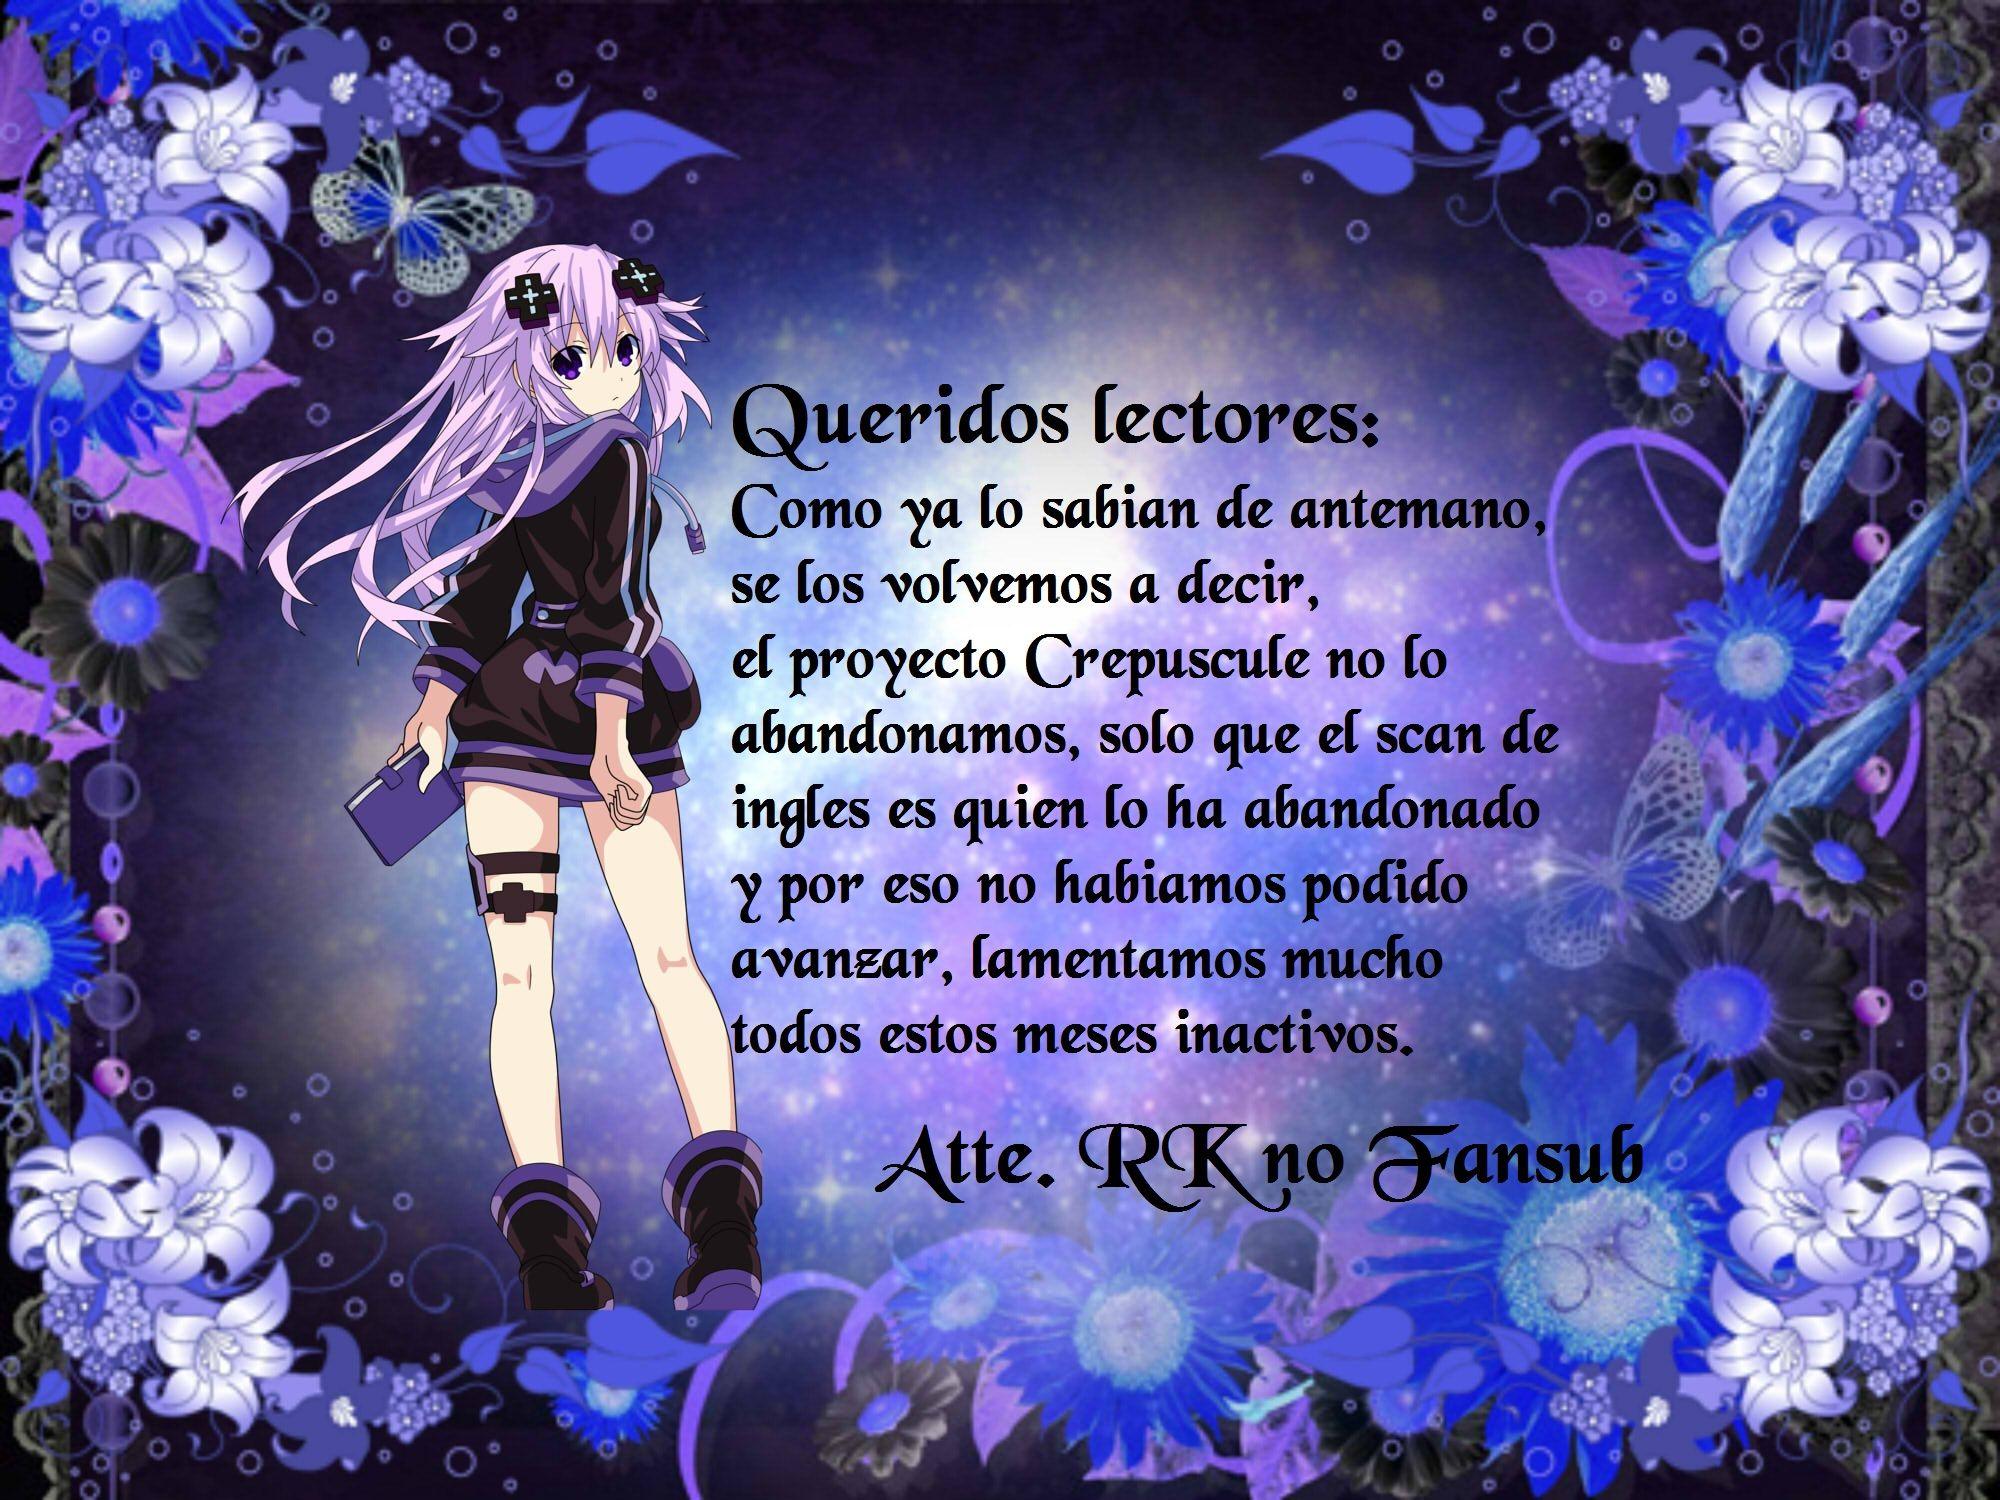 http://c5.ninemanga.com/es_manga/4/836/454382/6eea81fa0417b0068e614074225a9daf.jpg Page 2